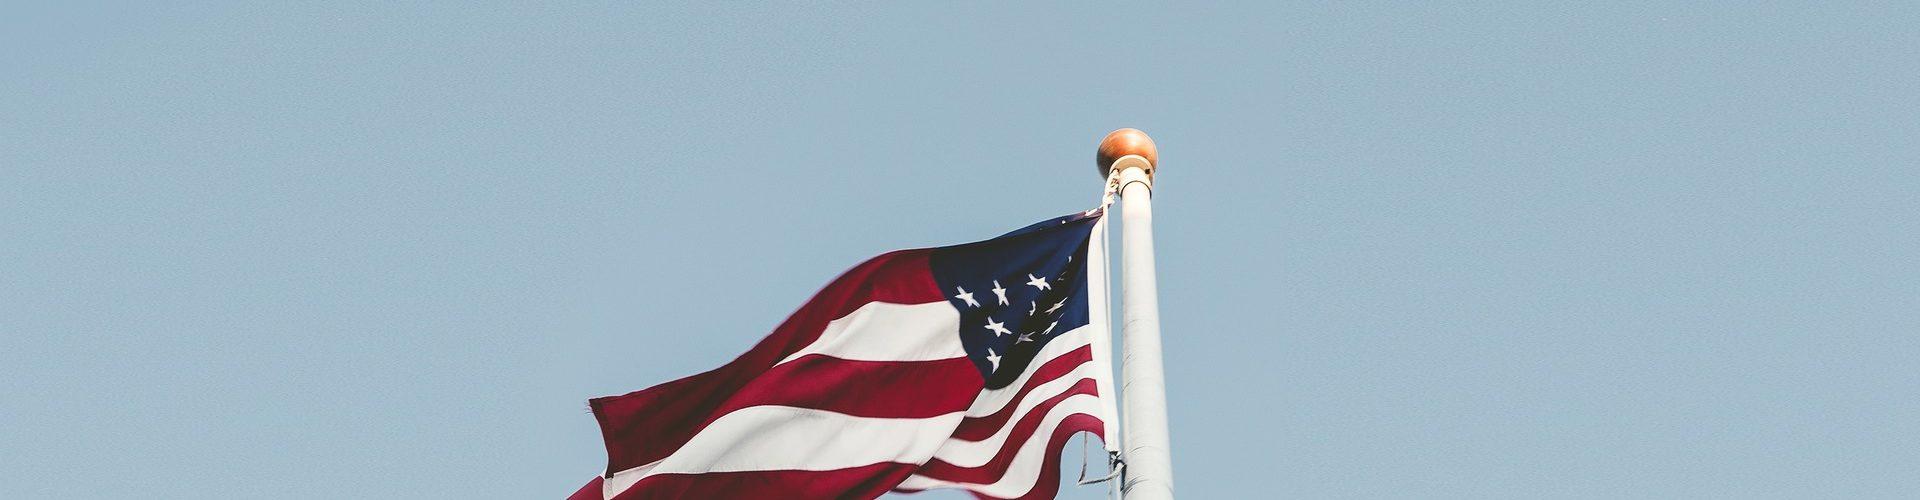 Bewerbung Im Ausland Der Amerikanische Lebenslauf Résumé